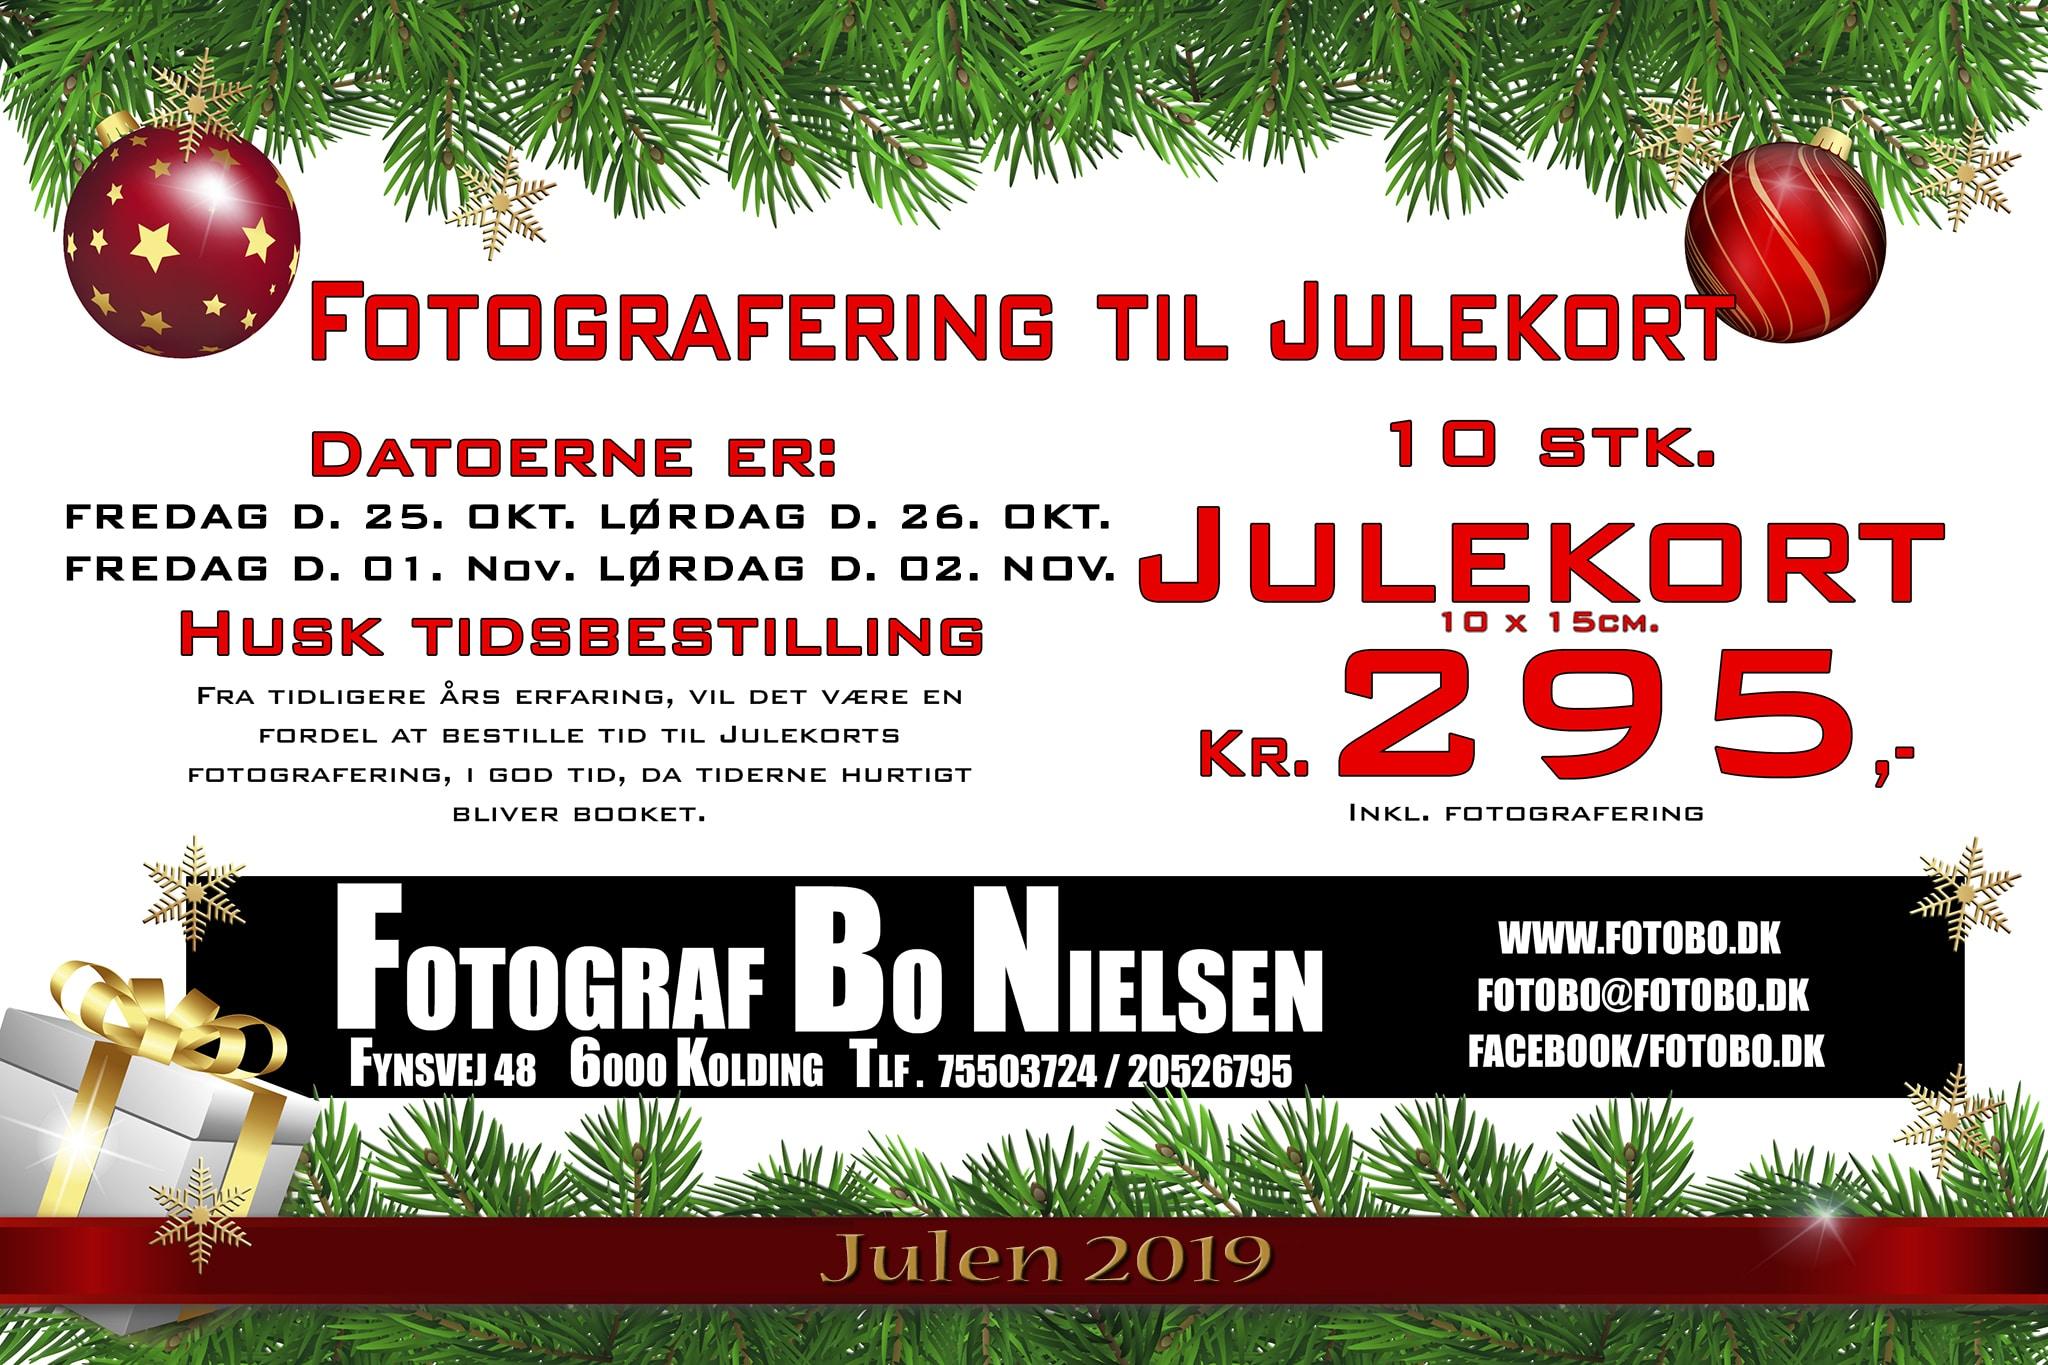 Billeder til julekort 2019